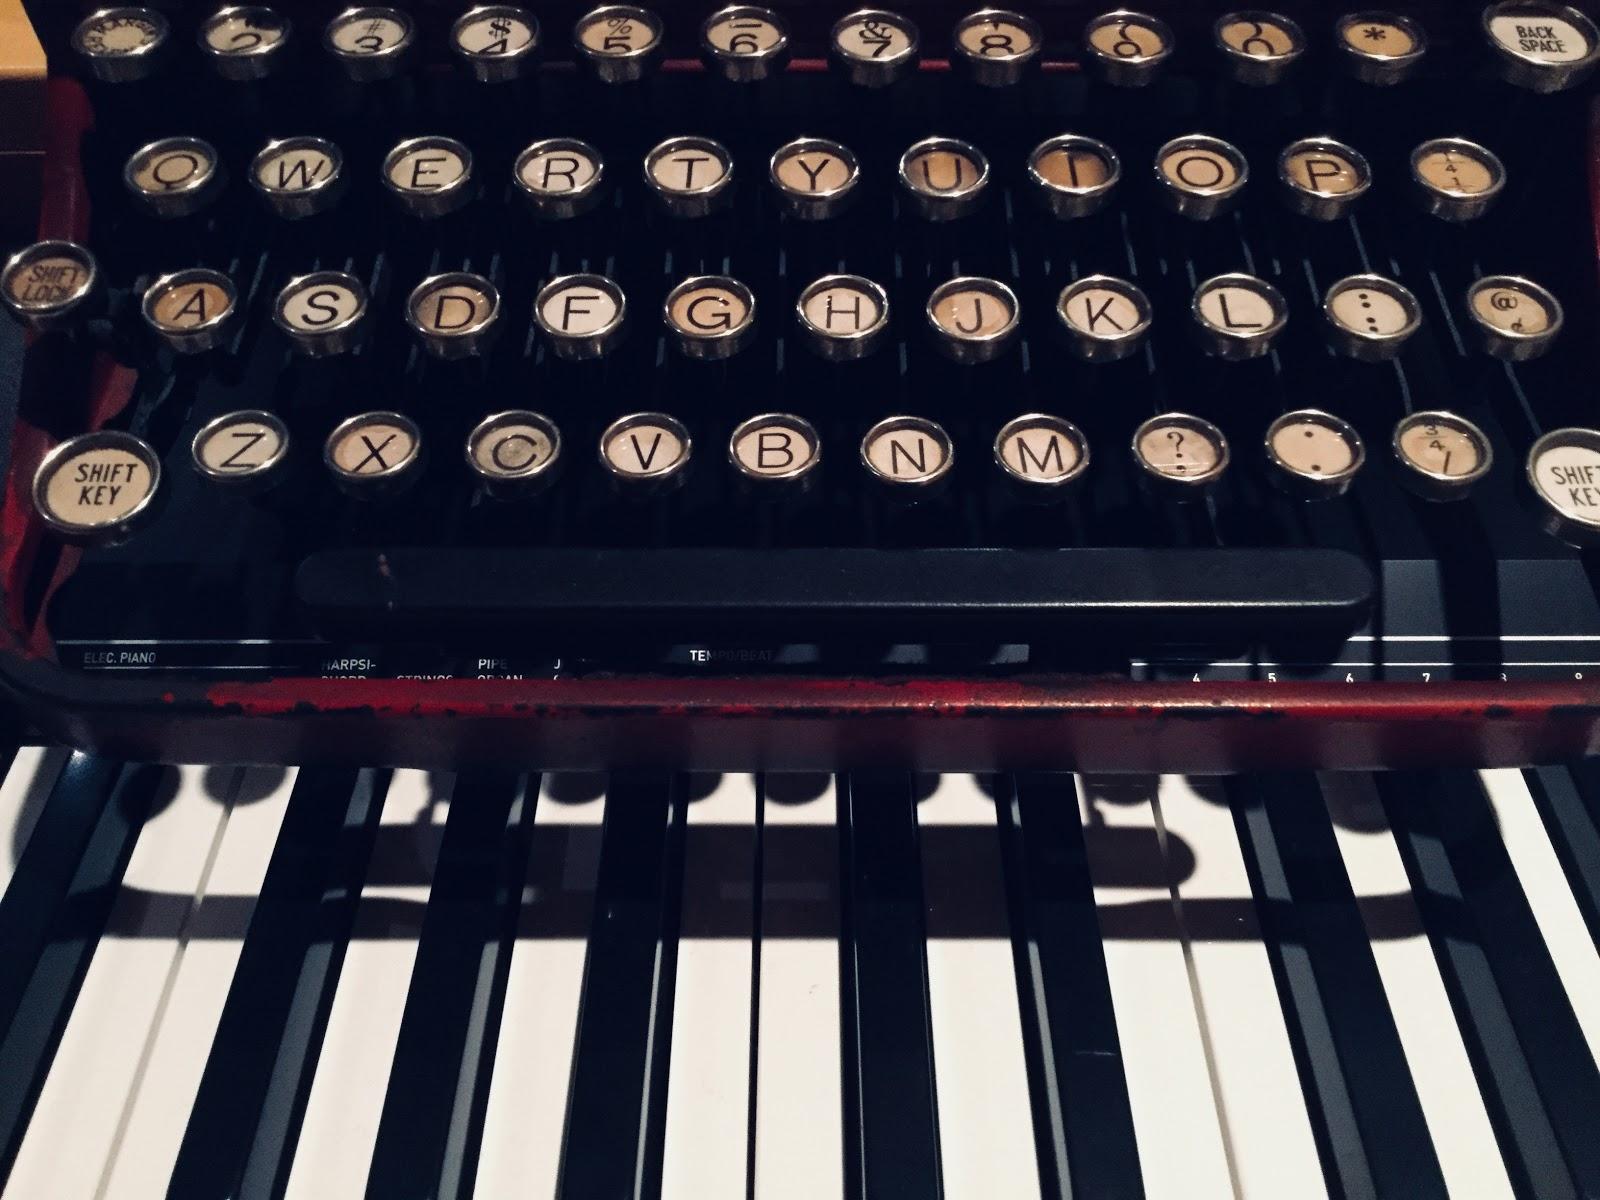 Best kind of keyboard